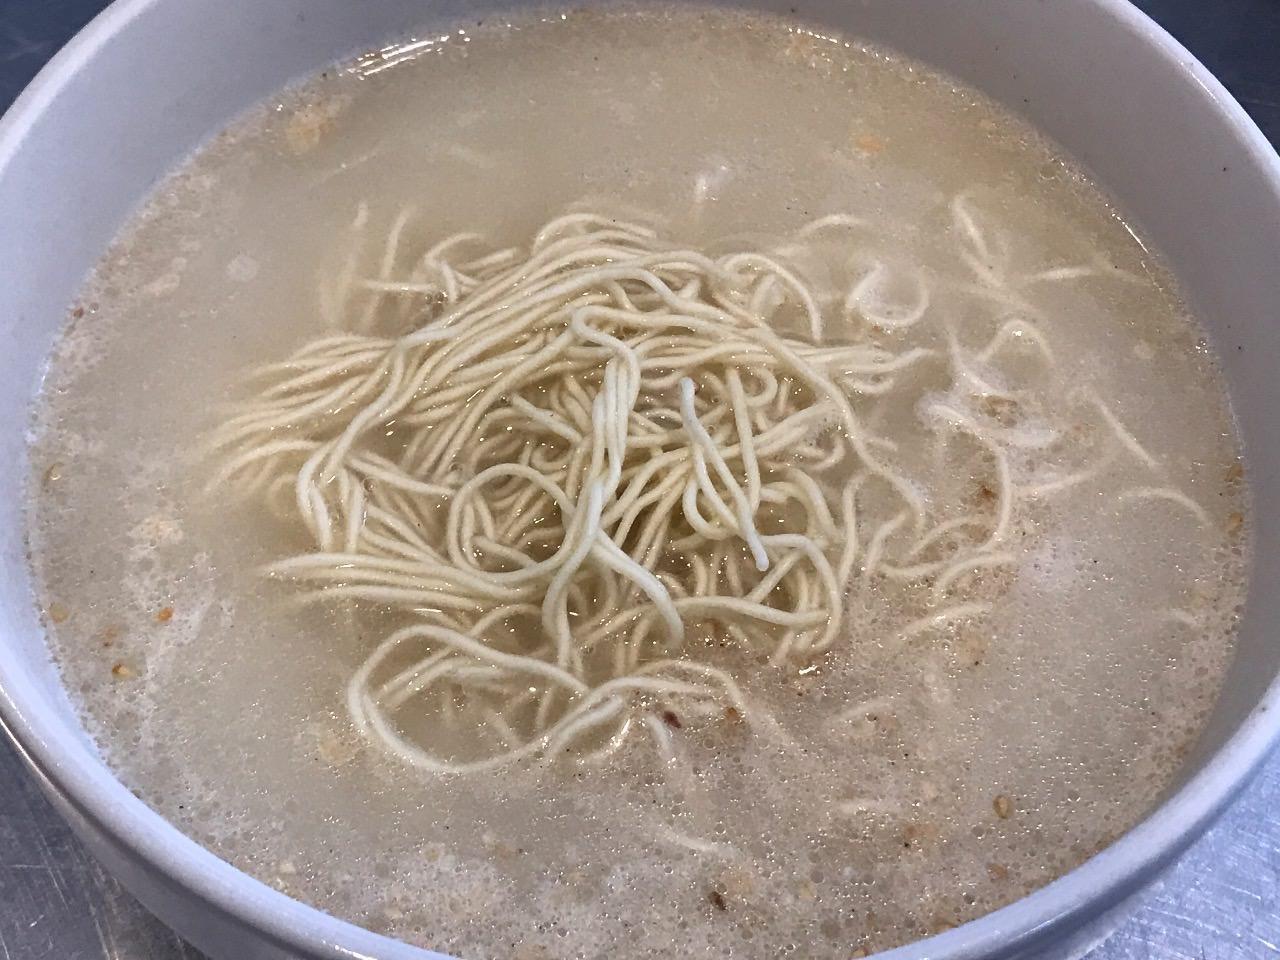 広瀬すずの明星「ノンフライ チャルメラ バリカタ麺 豚骨」が本物の豚骨ラーメンみたいで誠に美味い【感想】